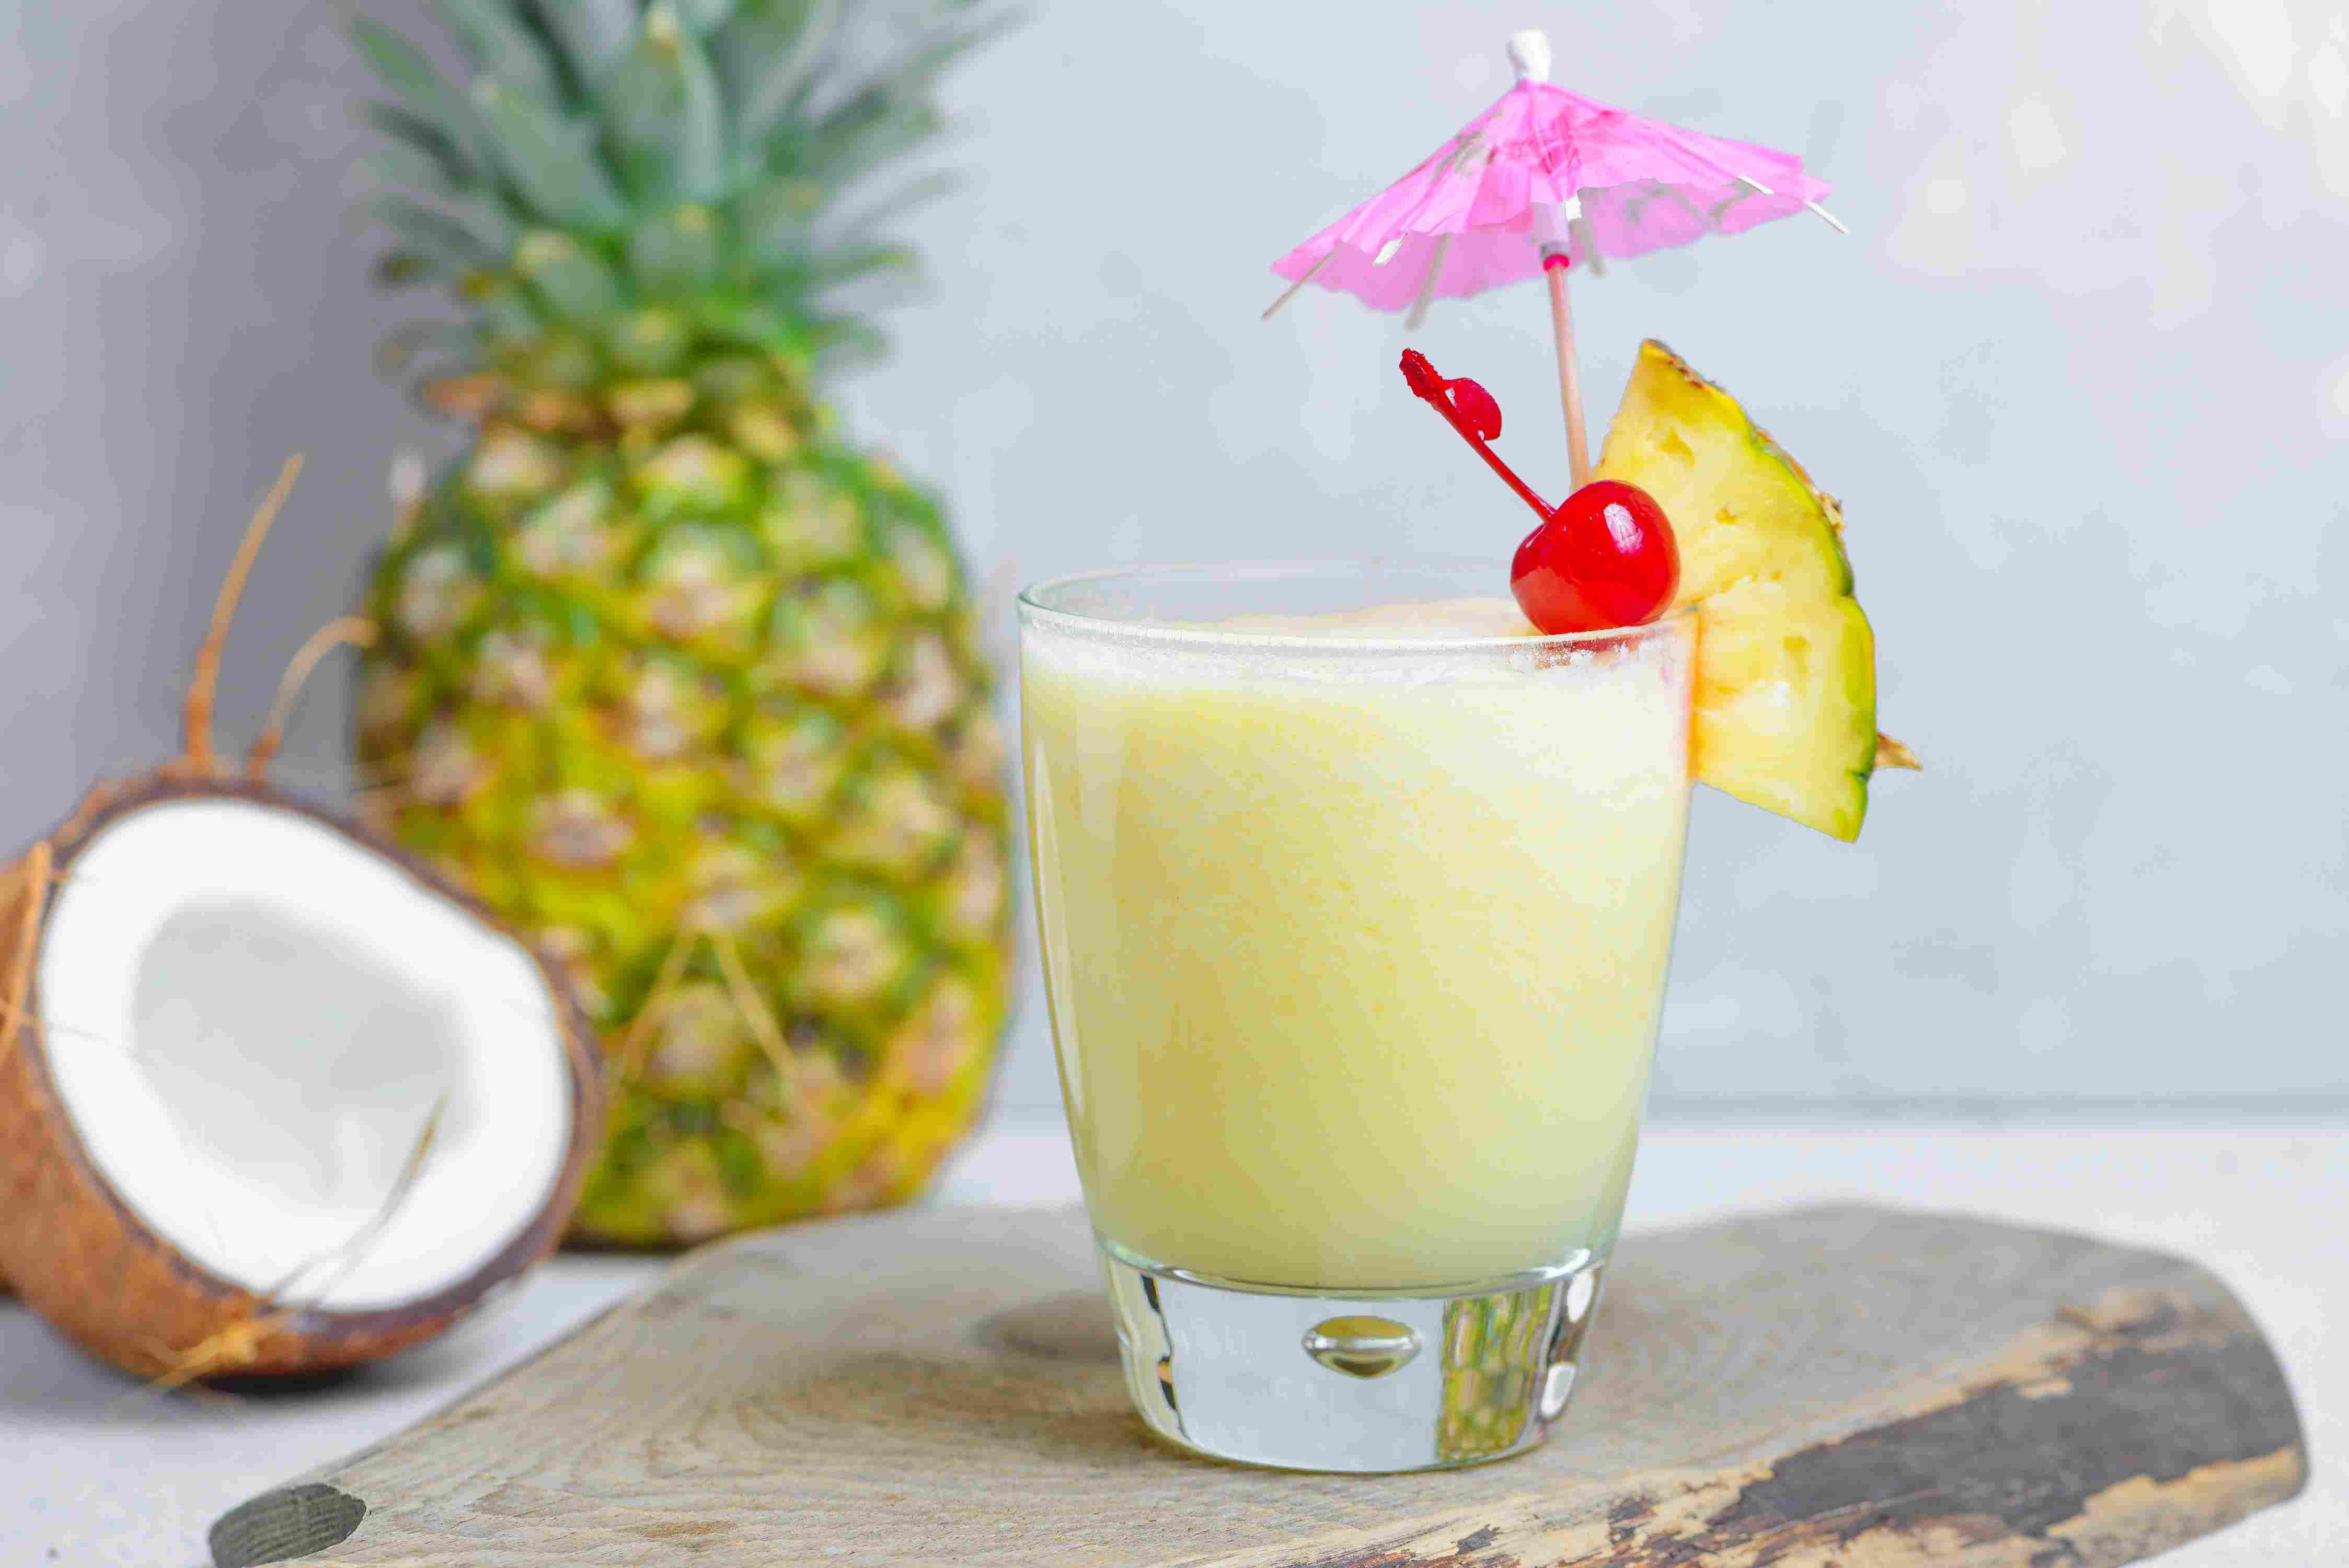 Пина колада — секреты презентации коктейля. лучшие рецепты для приготовления в домашних условиях с фото!